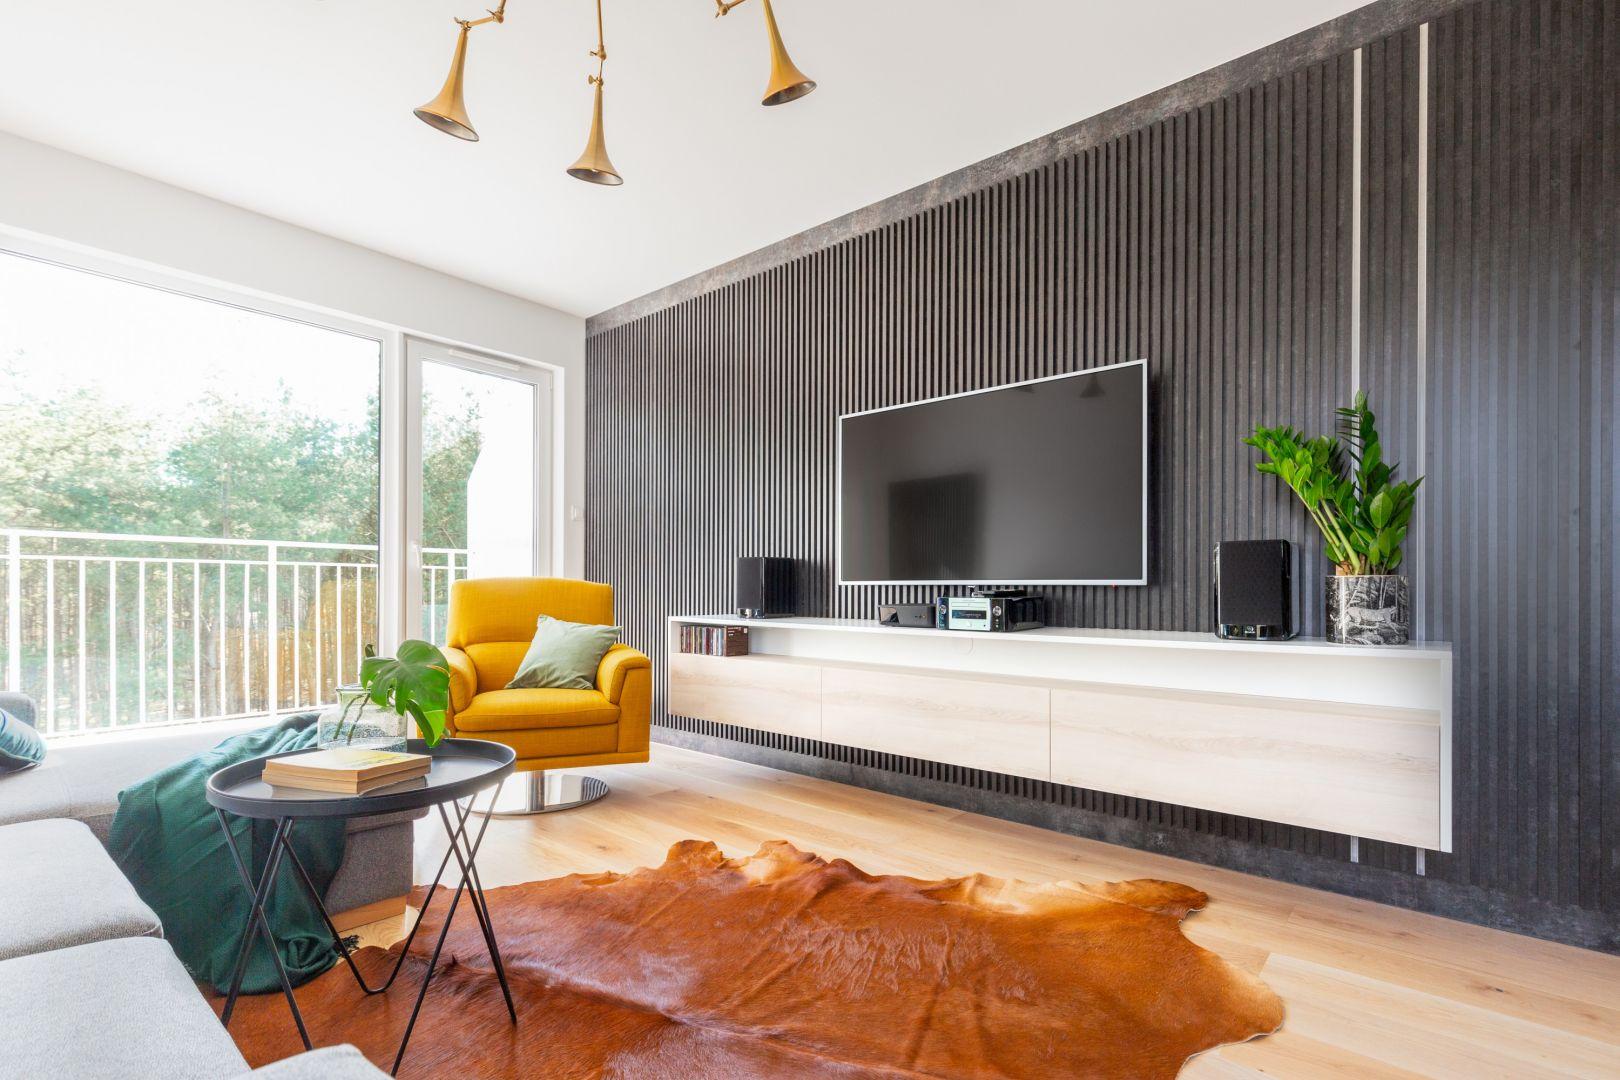 Panele dekoracyjne to pomysłowe wykończenie ścian w nowoczesnych przestrzeniach salonowych. Projekt gama design współ Joanna Rej fot Pion Poziom